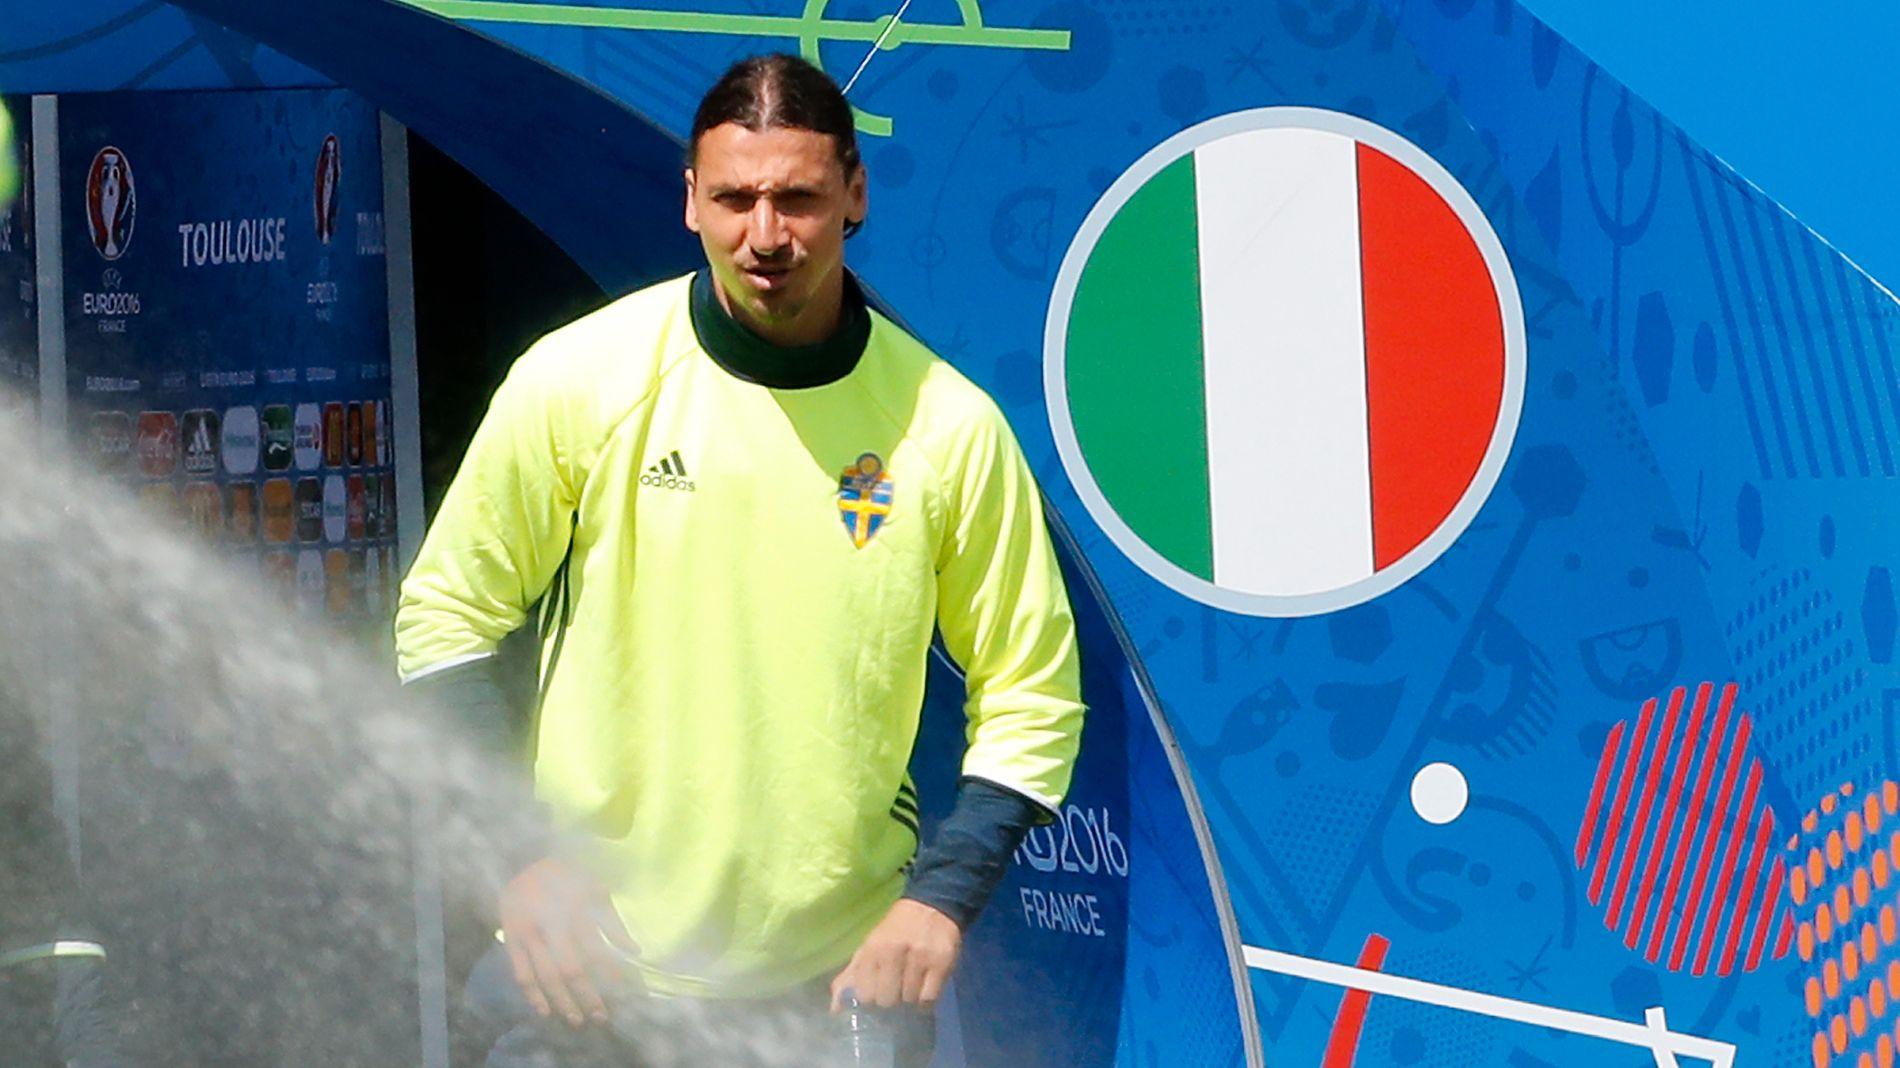 EN LITEN BIT ITALIA: Zlatan Ibrahimovic ankommer den svenske treningen på stadion i Toulouse i ettermiddag.